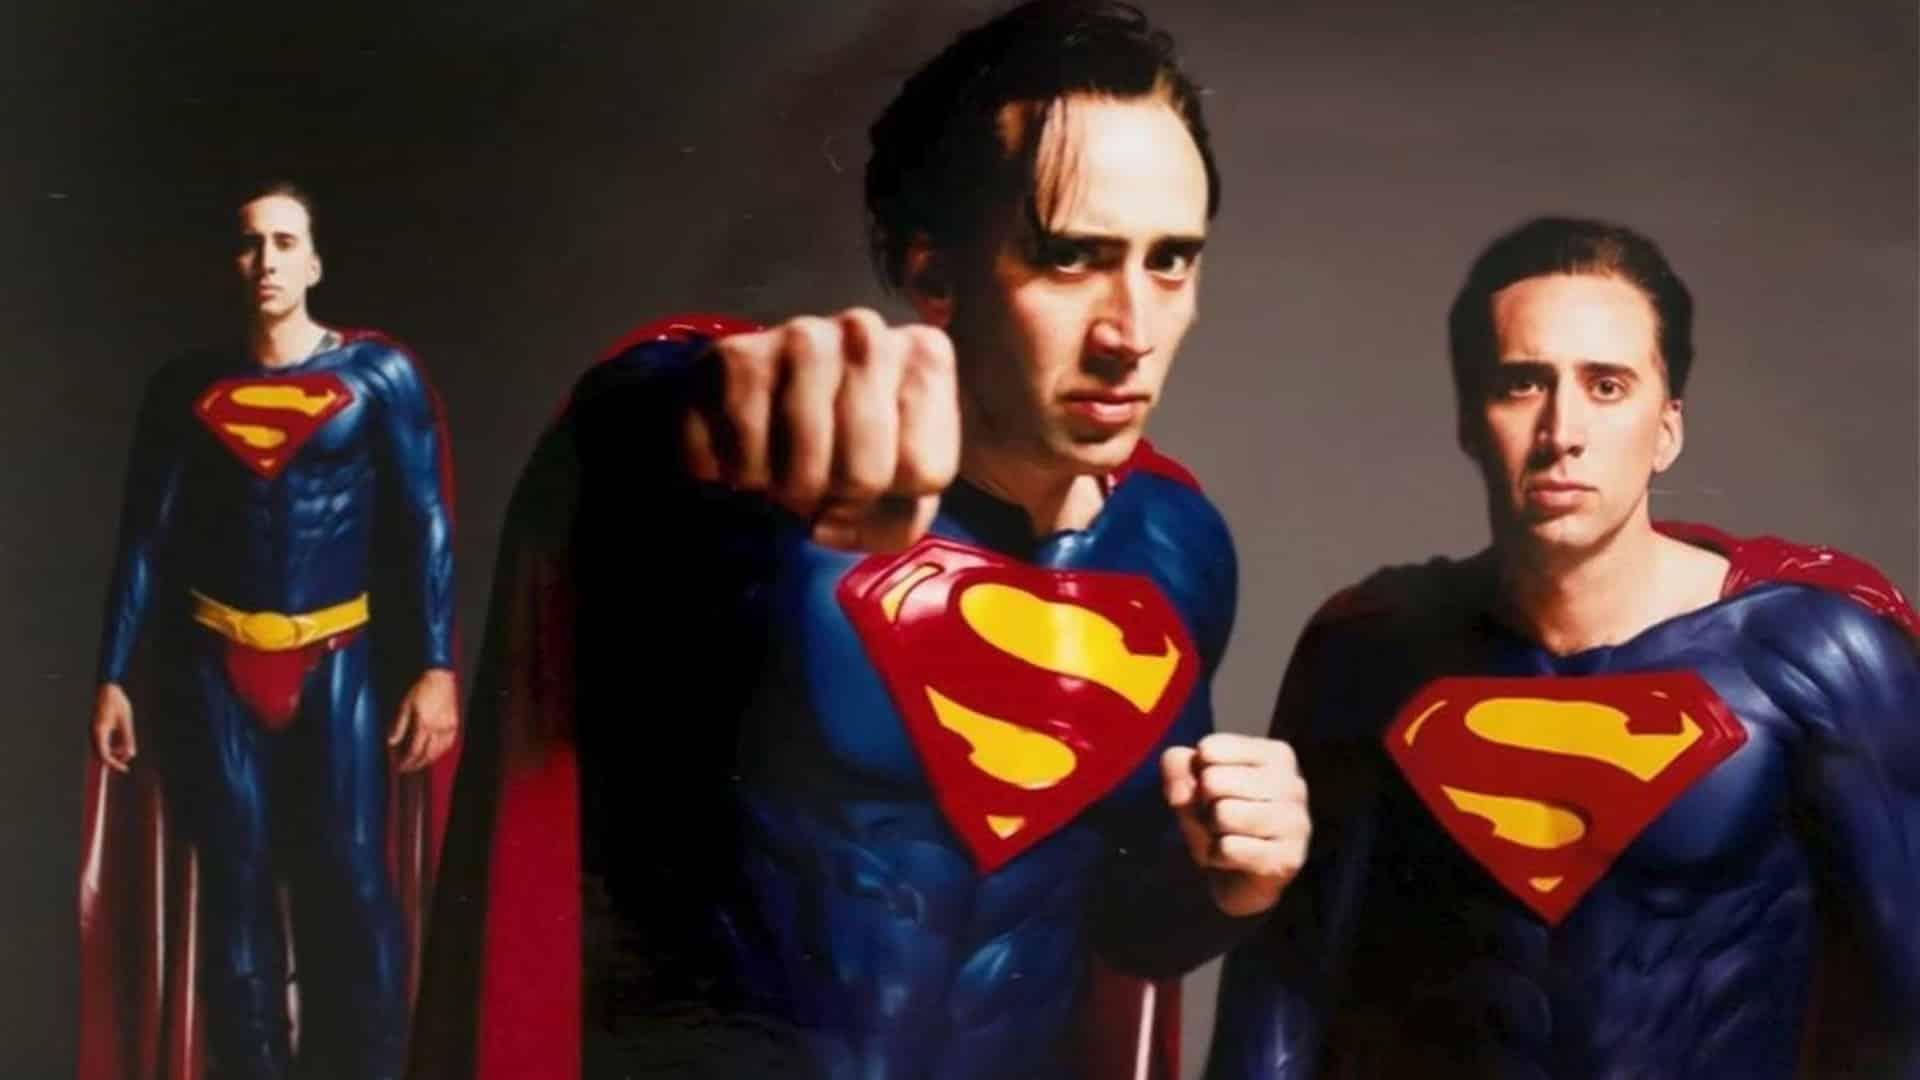 Nicolas Cage's Superman